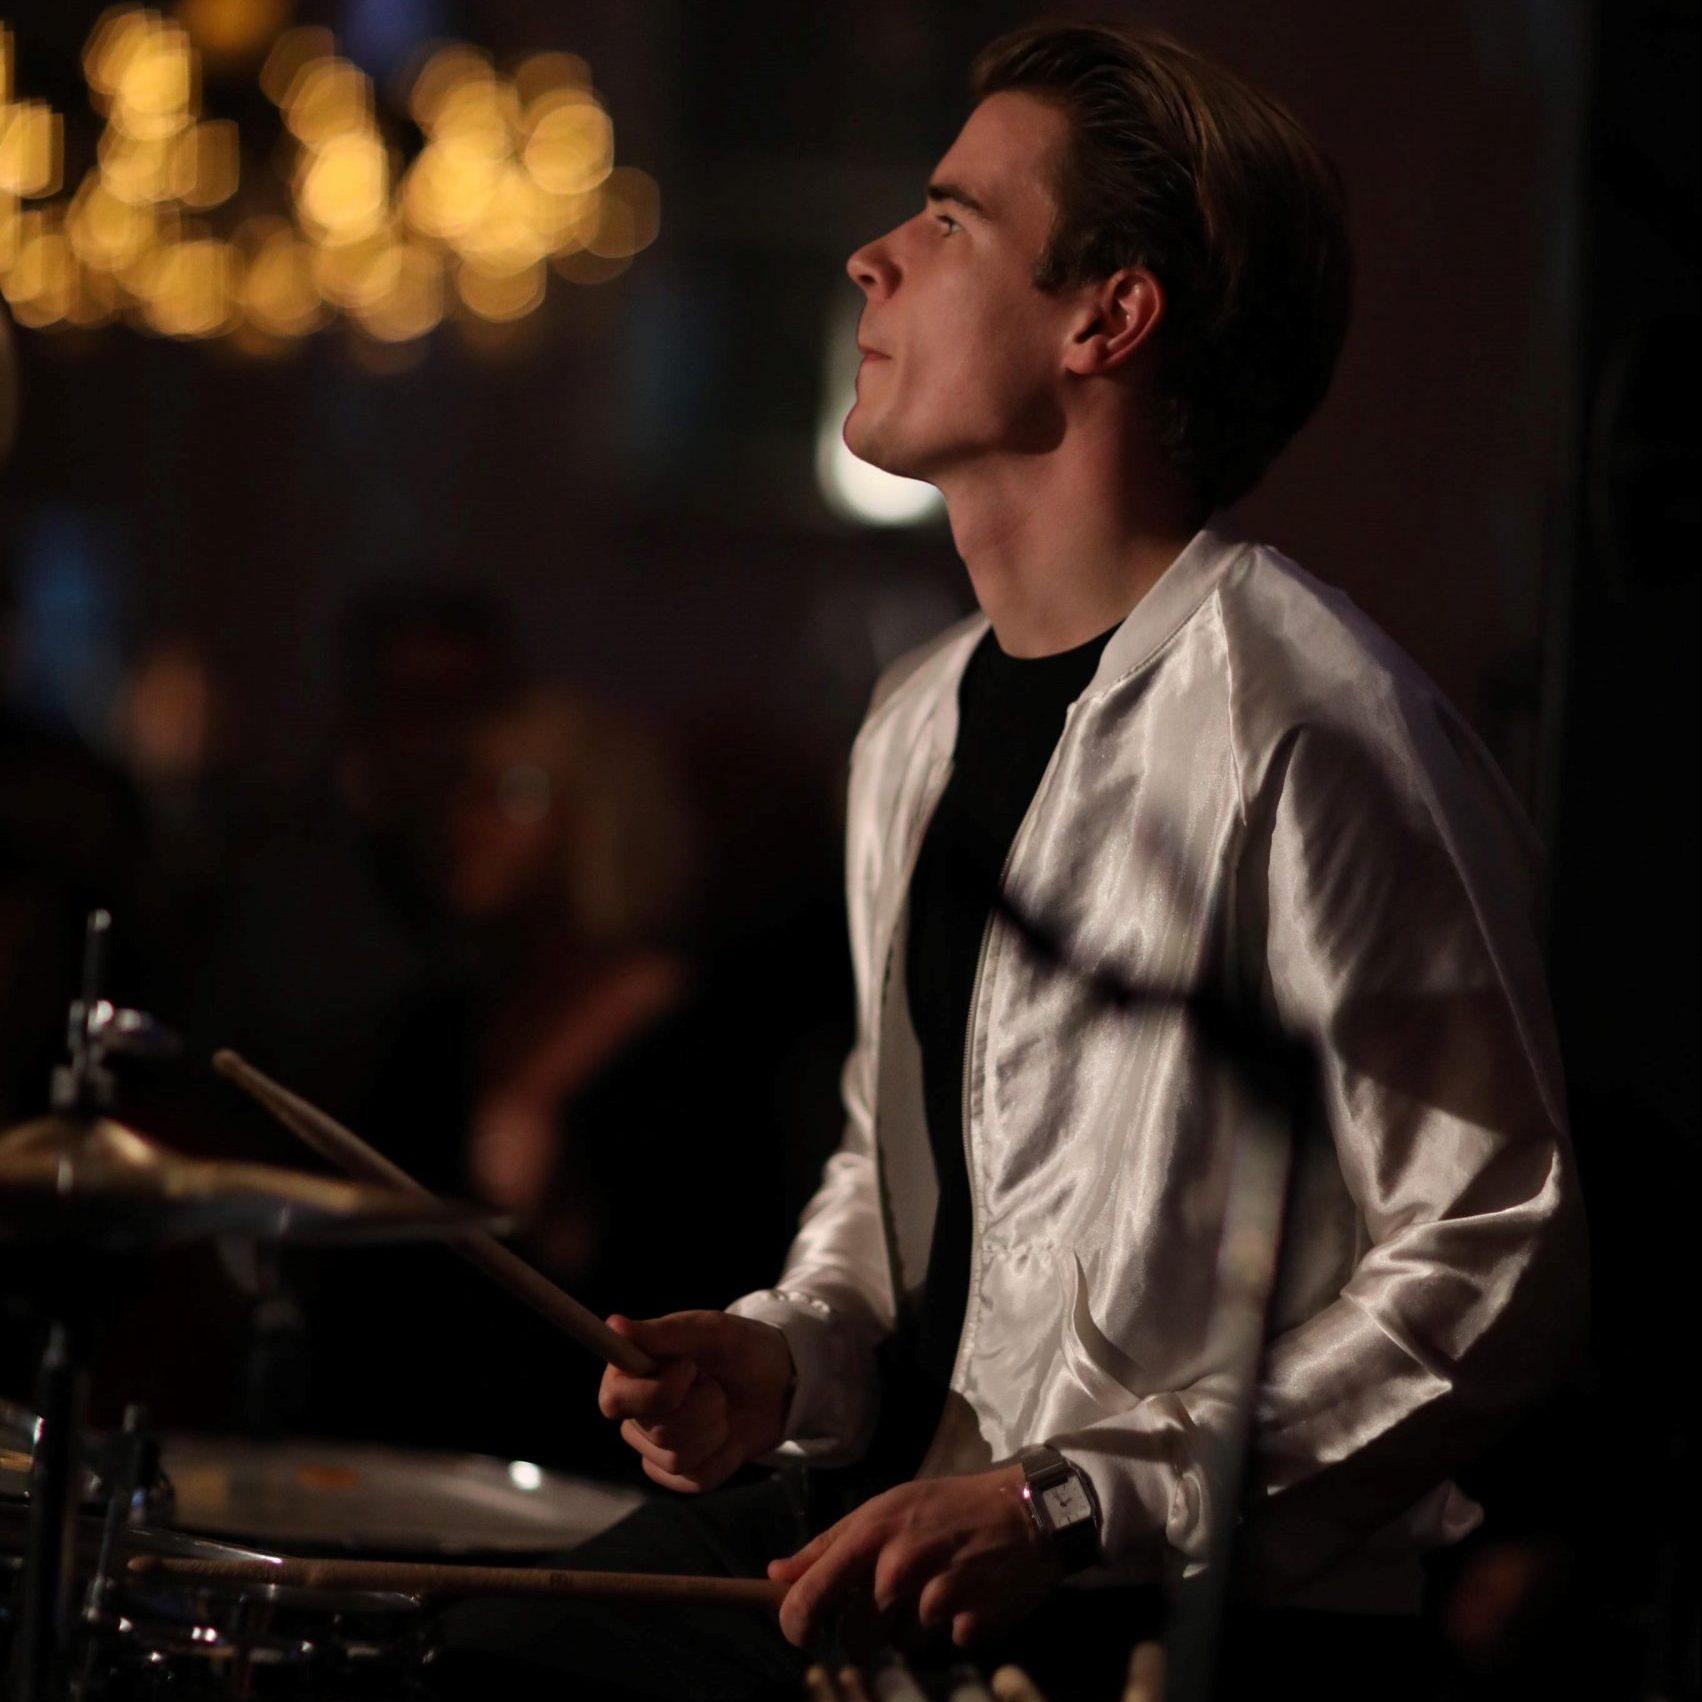 Niklas_Drummer